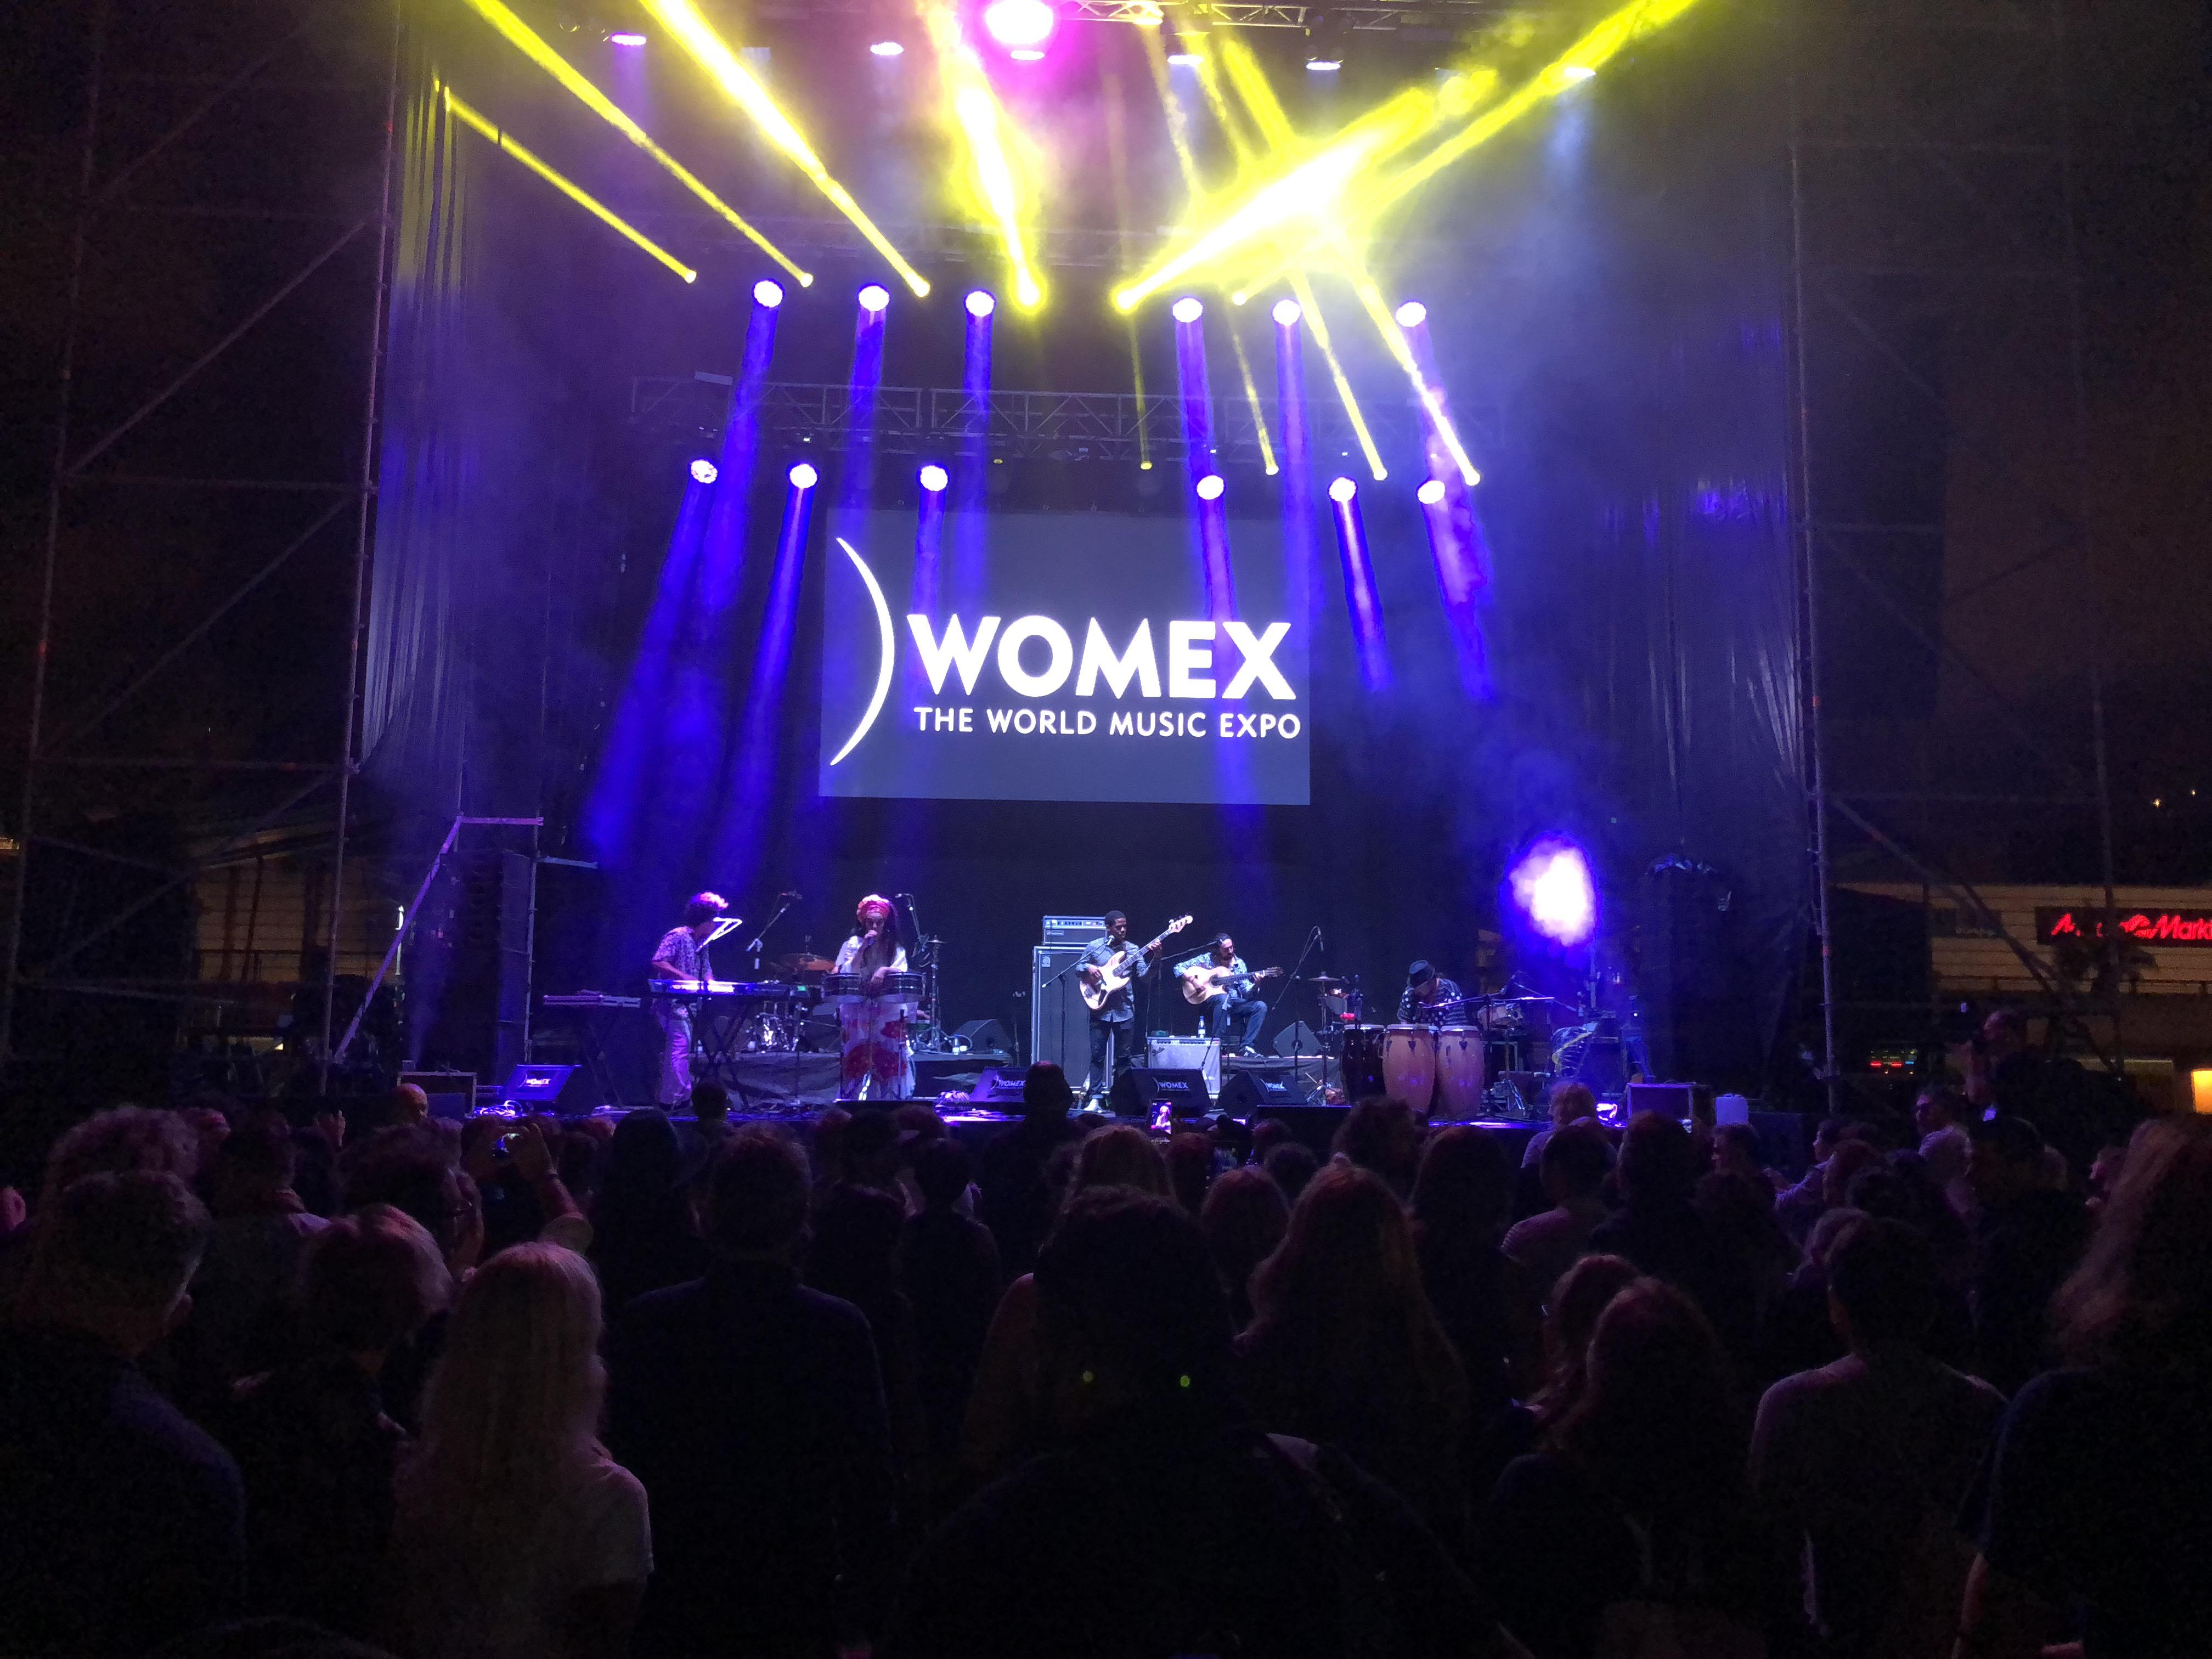 CMW Trip to WOMEX 2018